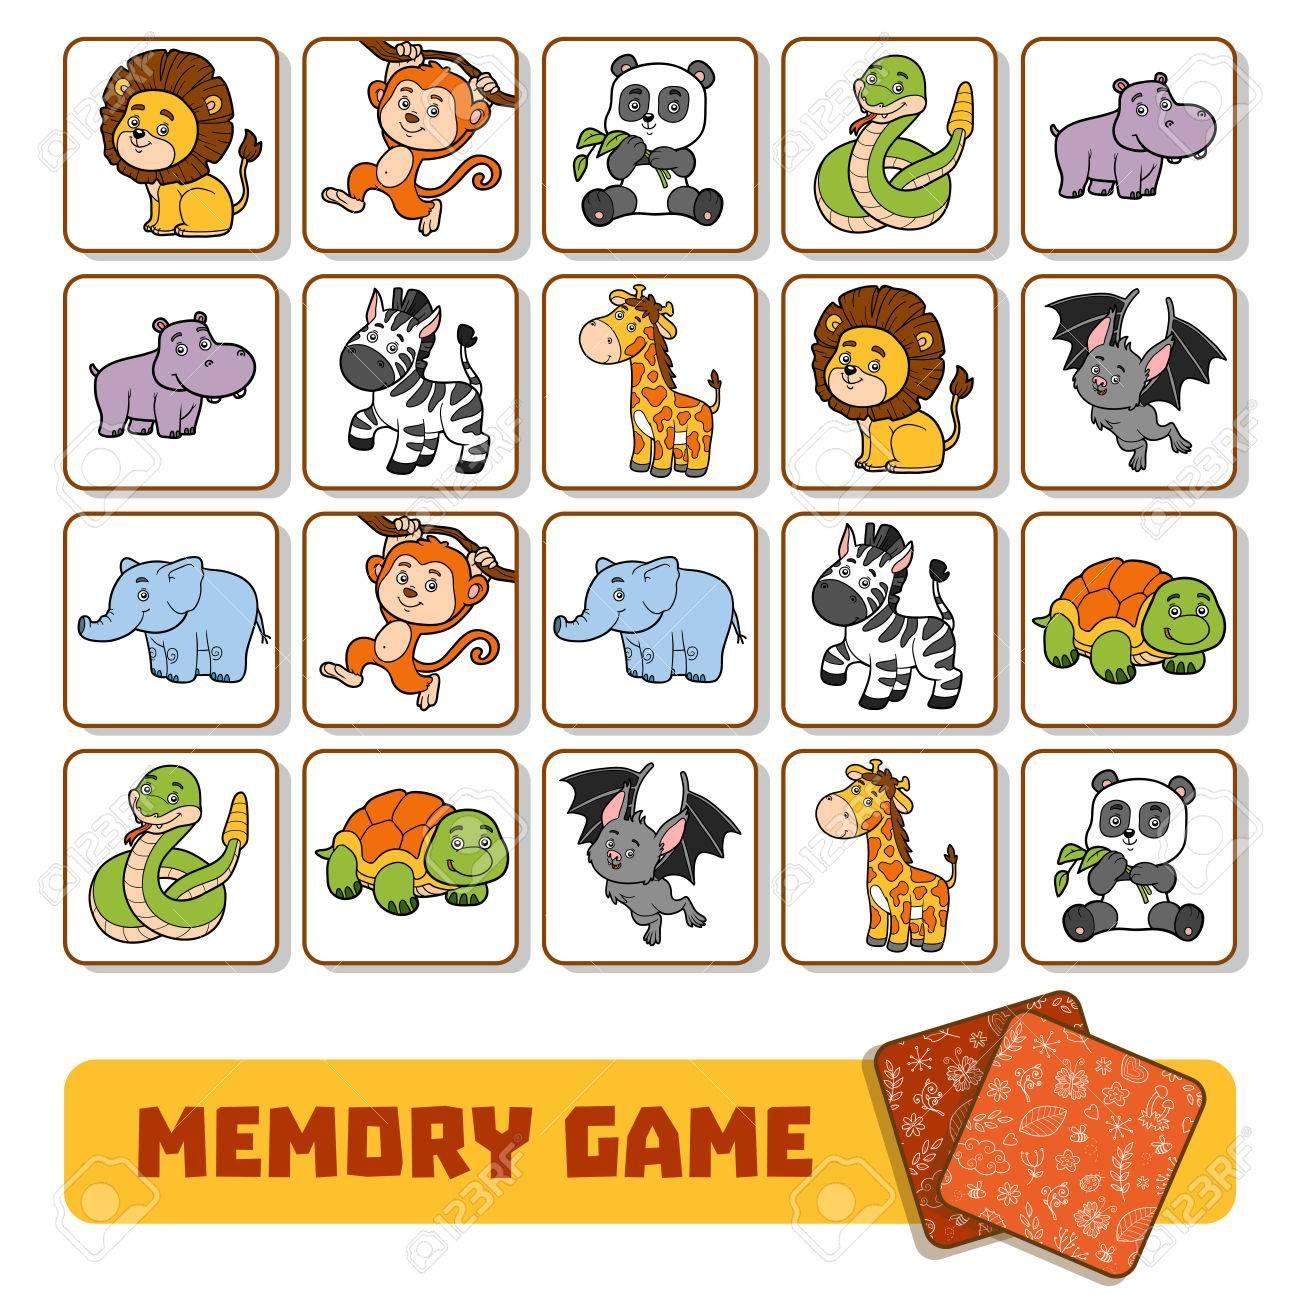 Juego De Memoria Para Los Niños En Edad Preescolar Tarjetas De Vectores Con Animales De Zoológico Animales De Zoológico Juegos De Animales Loteria De Animales